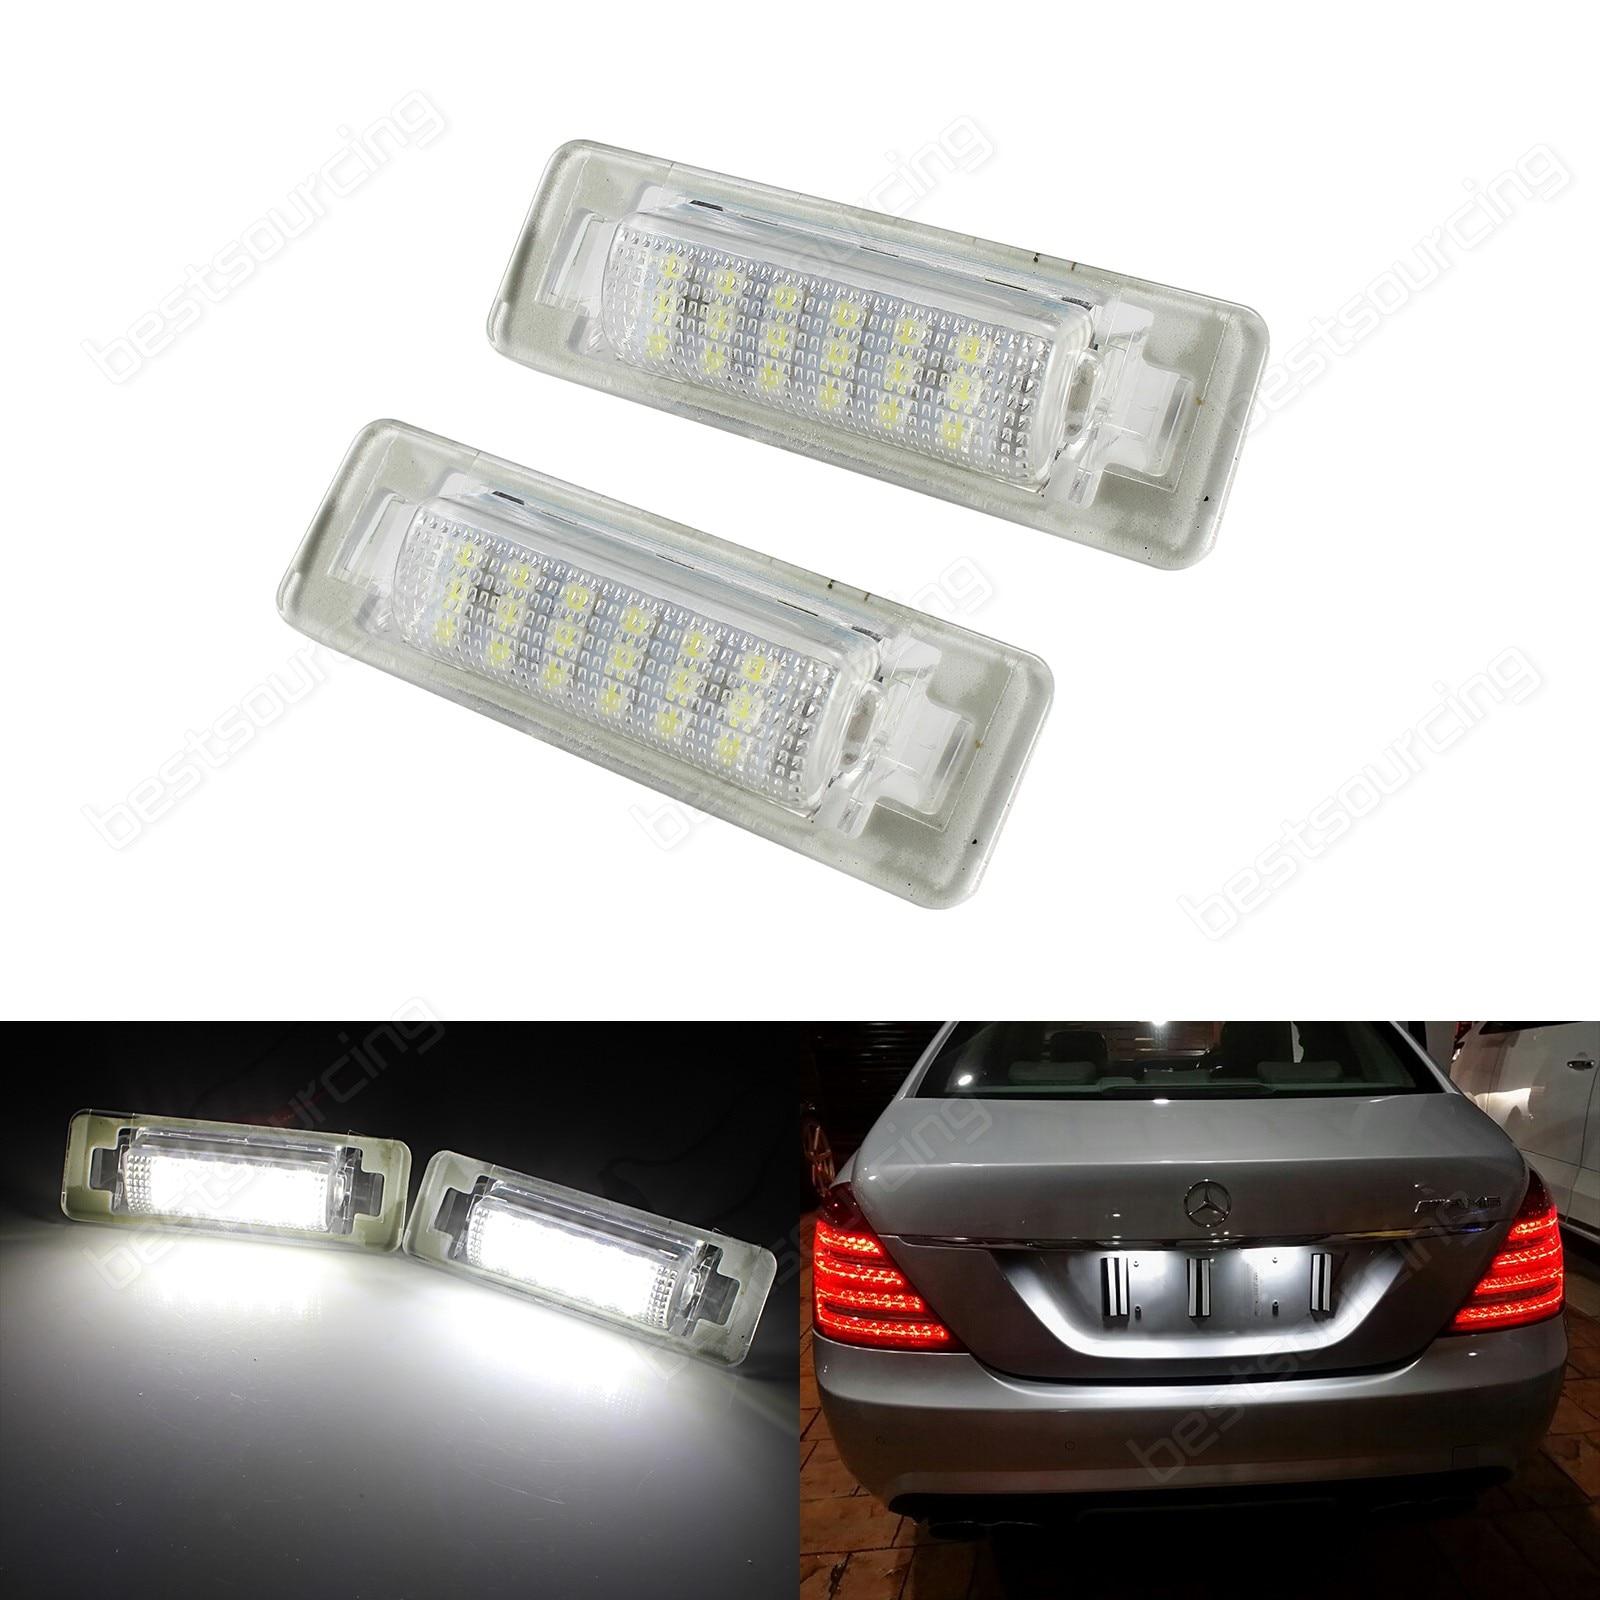 Acheter ANGRONG 2X18 SMD LED Nombre de Plaque D'immatriculation Canbus Pour Mercedes W202 C180 C200D C220 C220D de Signal Lampe fiable fournisseurs